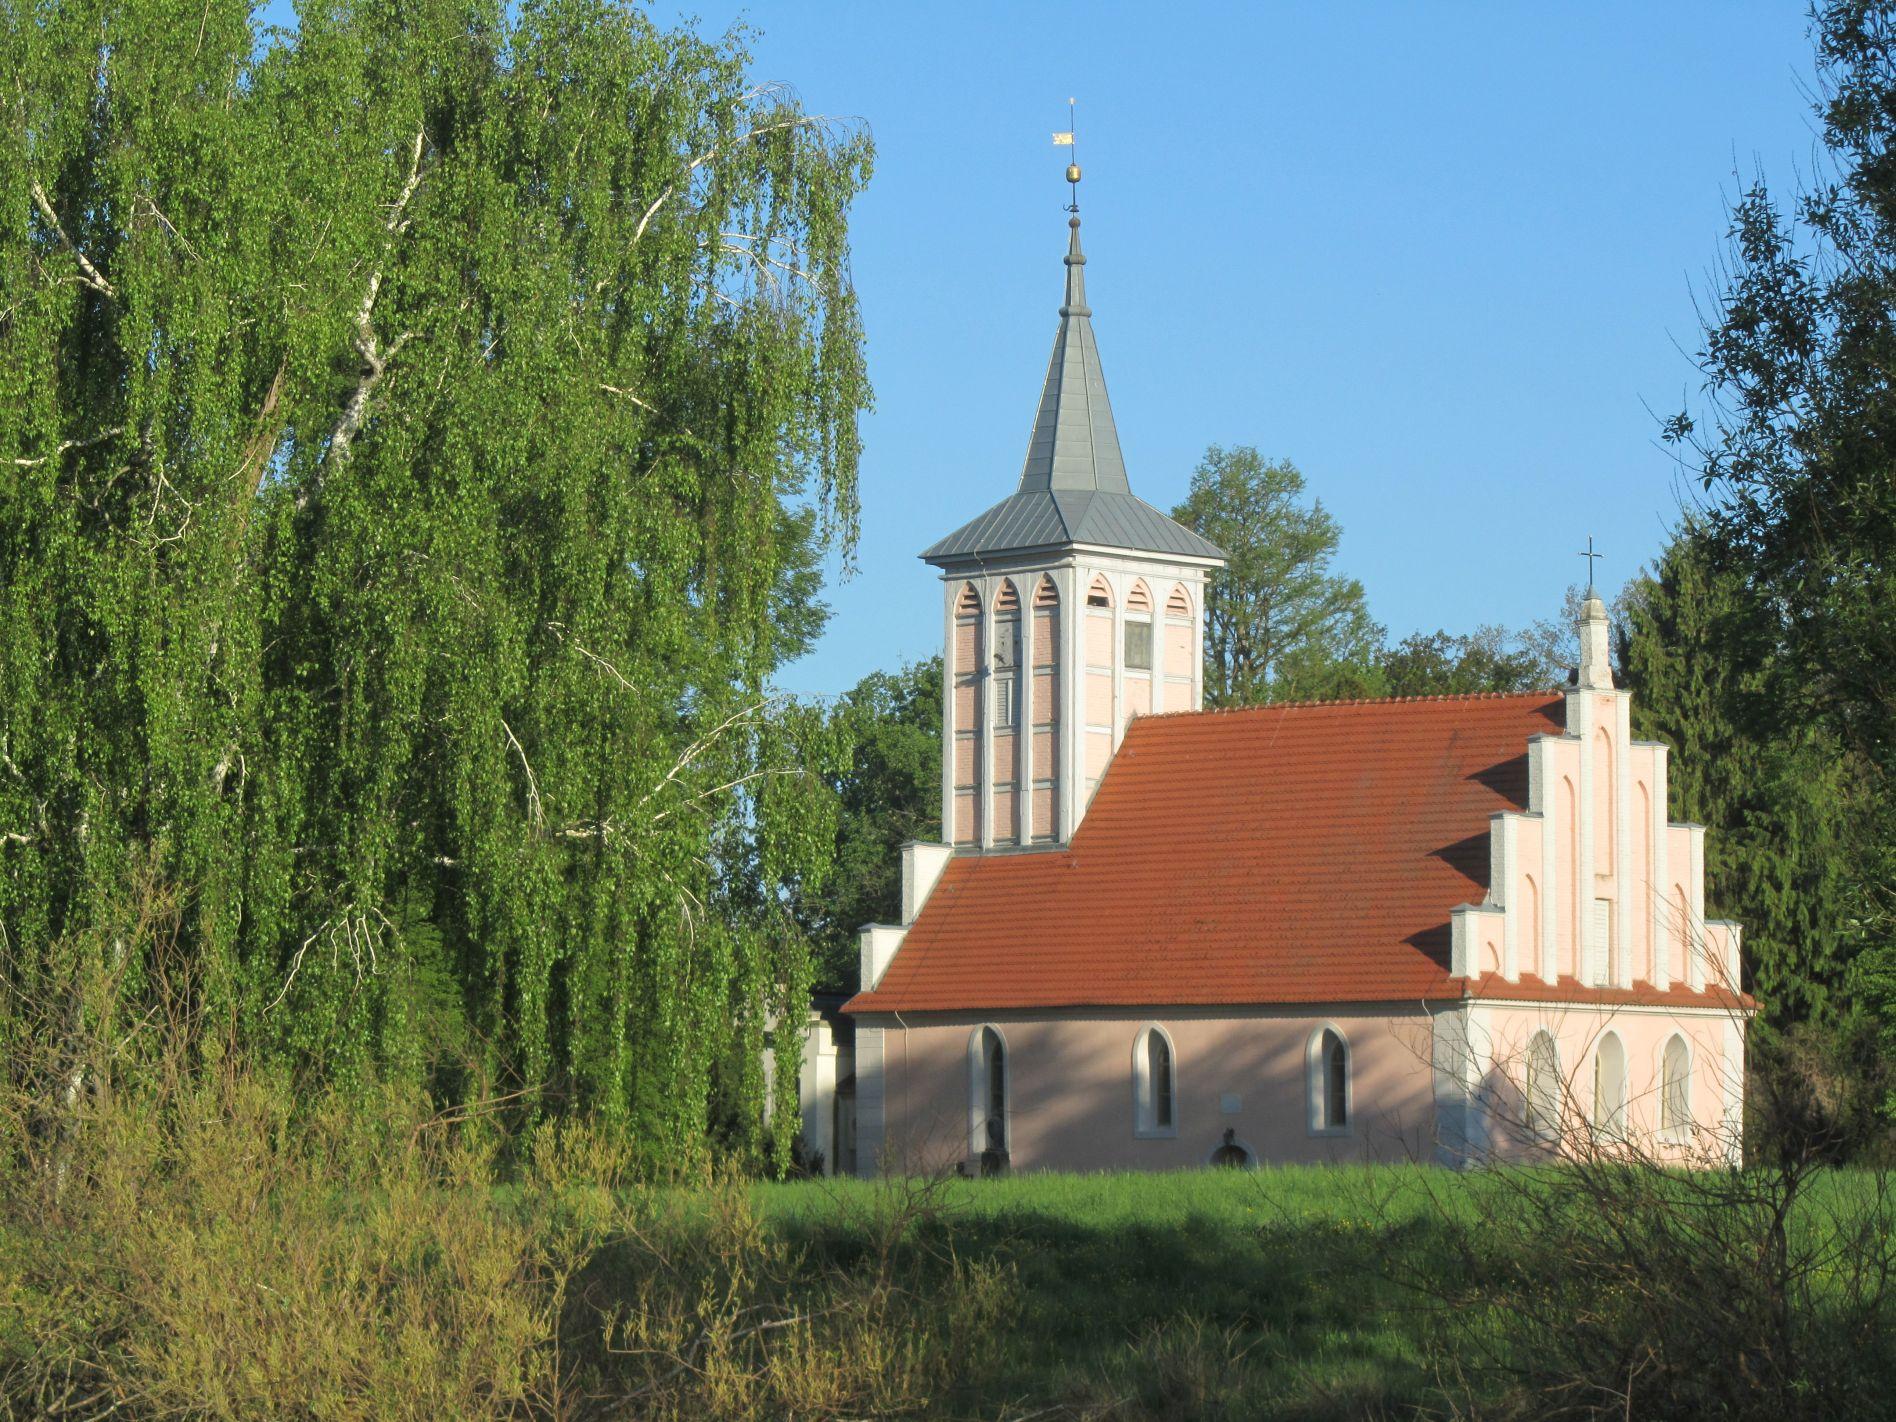 Criewener Kirche im Lenné-Park